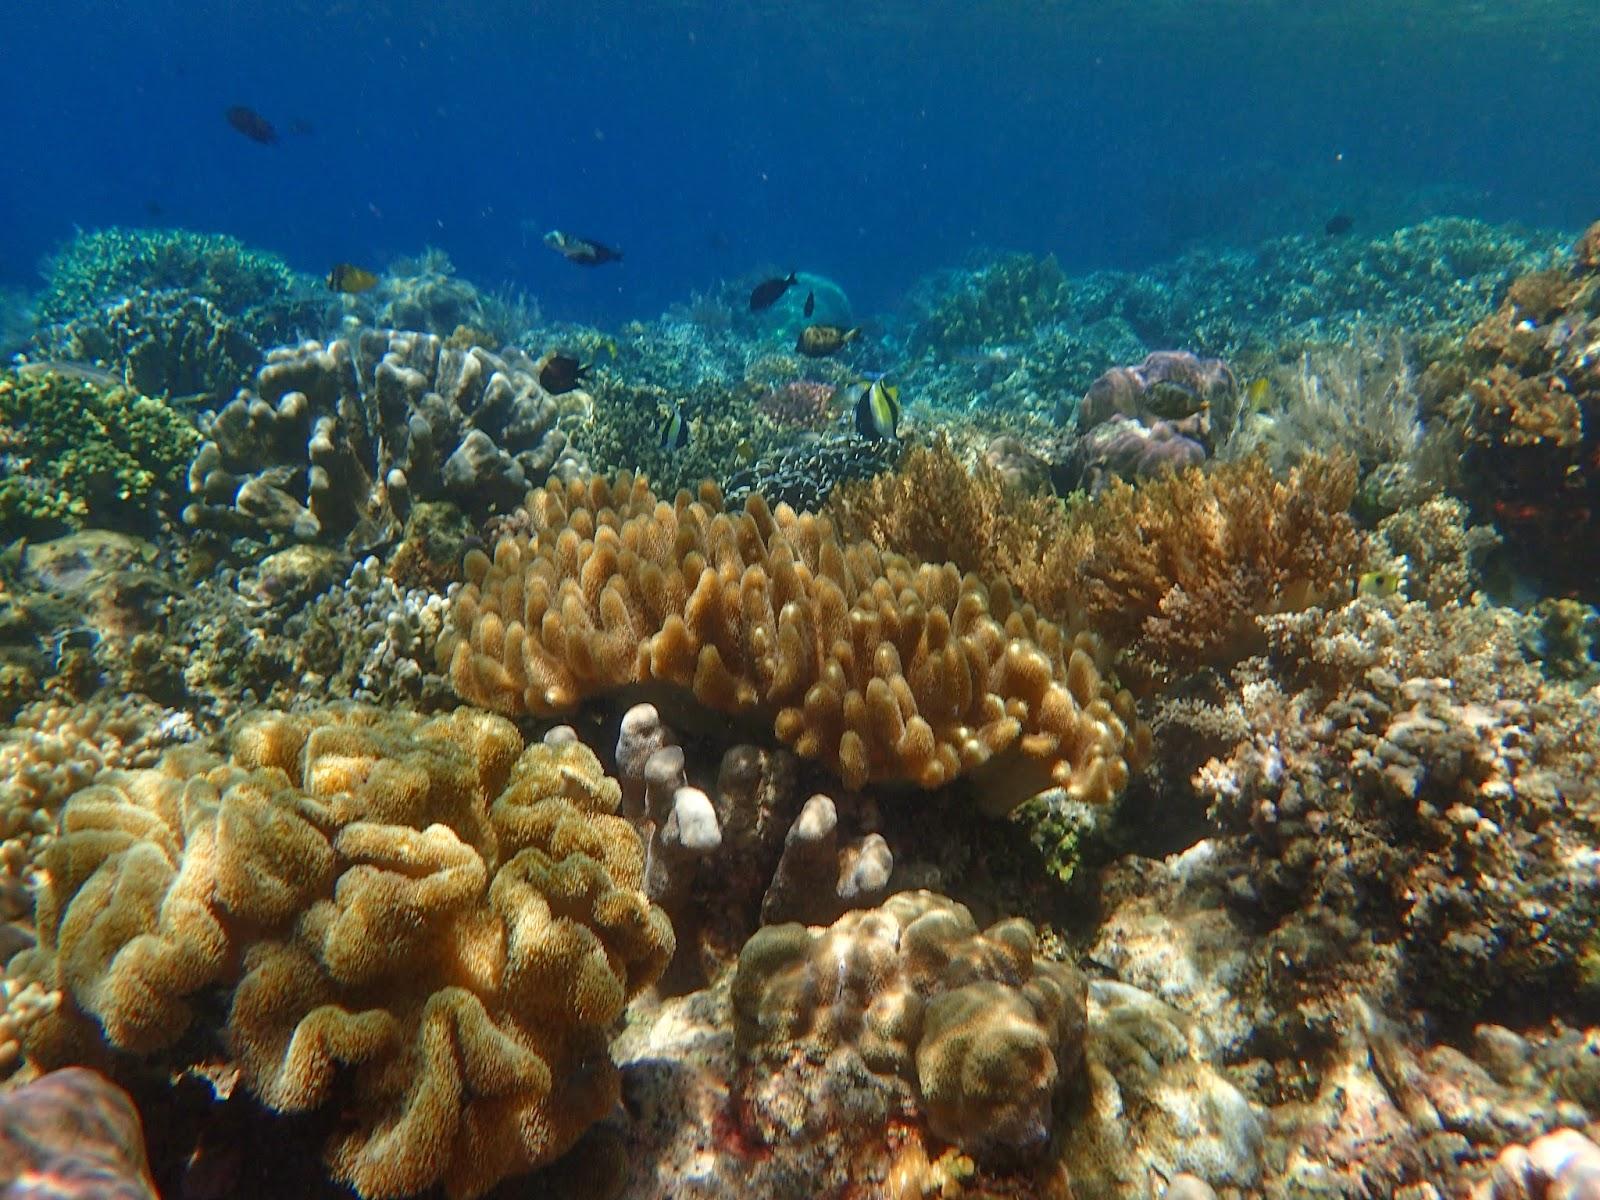 Carl Fakaruddin Foto Minggu Ini Keindahan Bawah Laut Taman